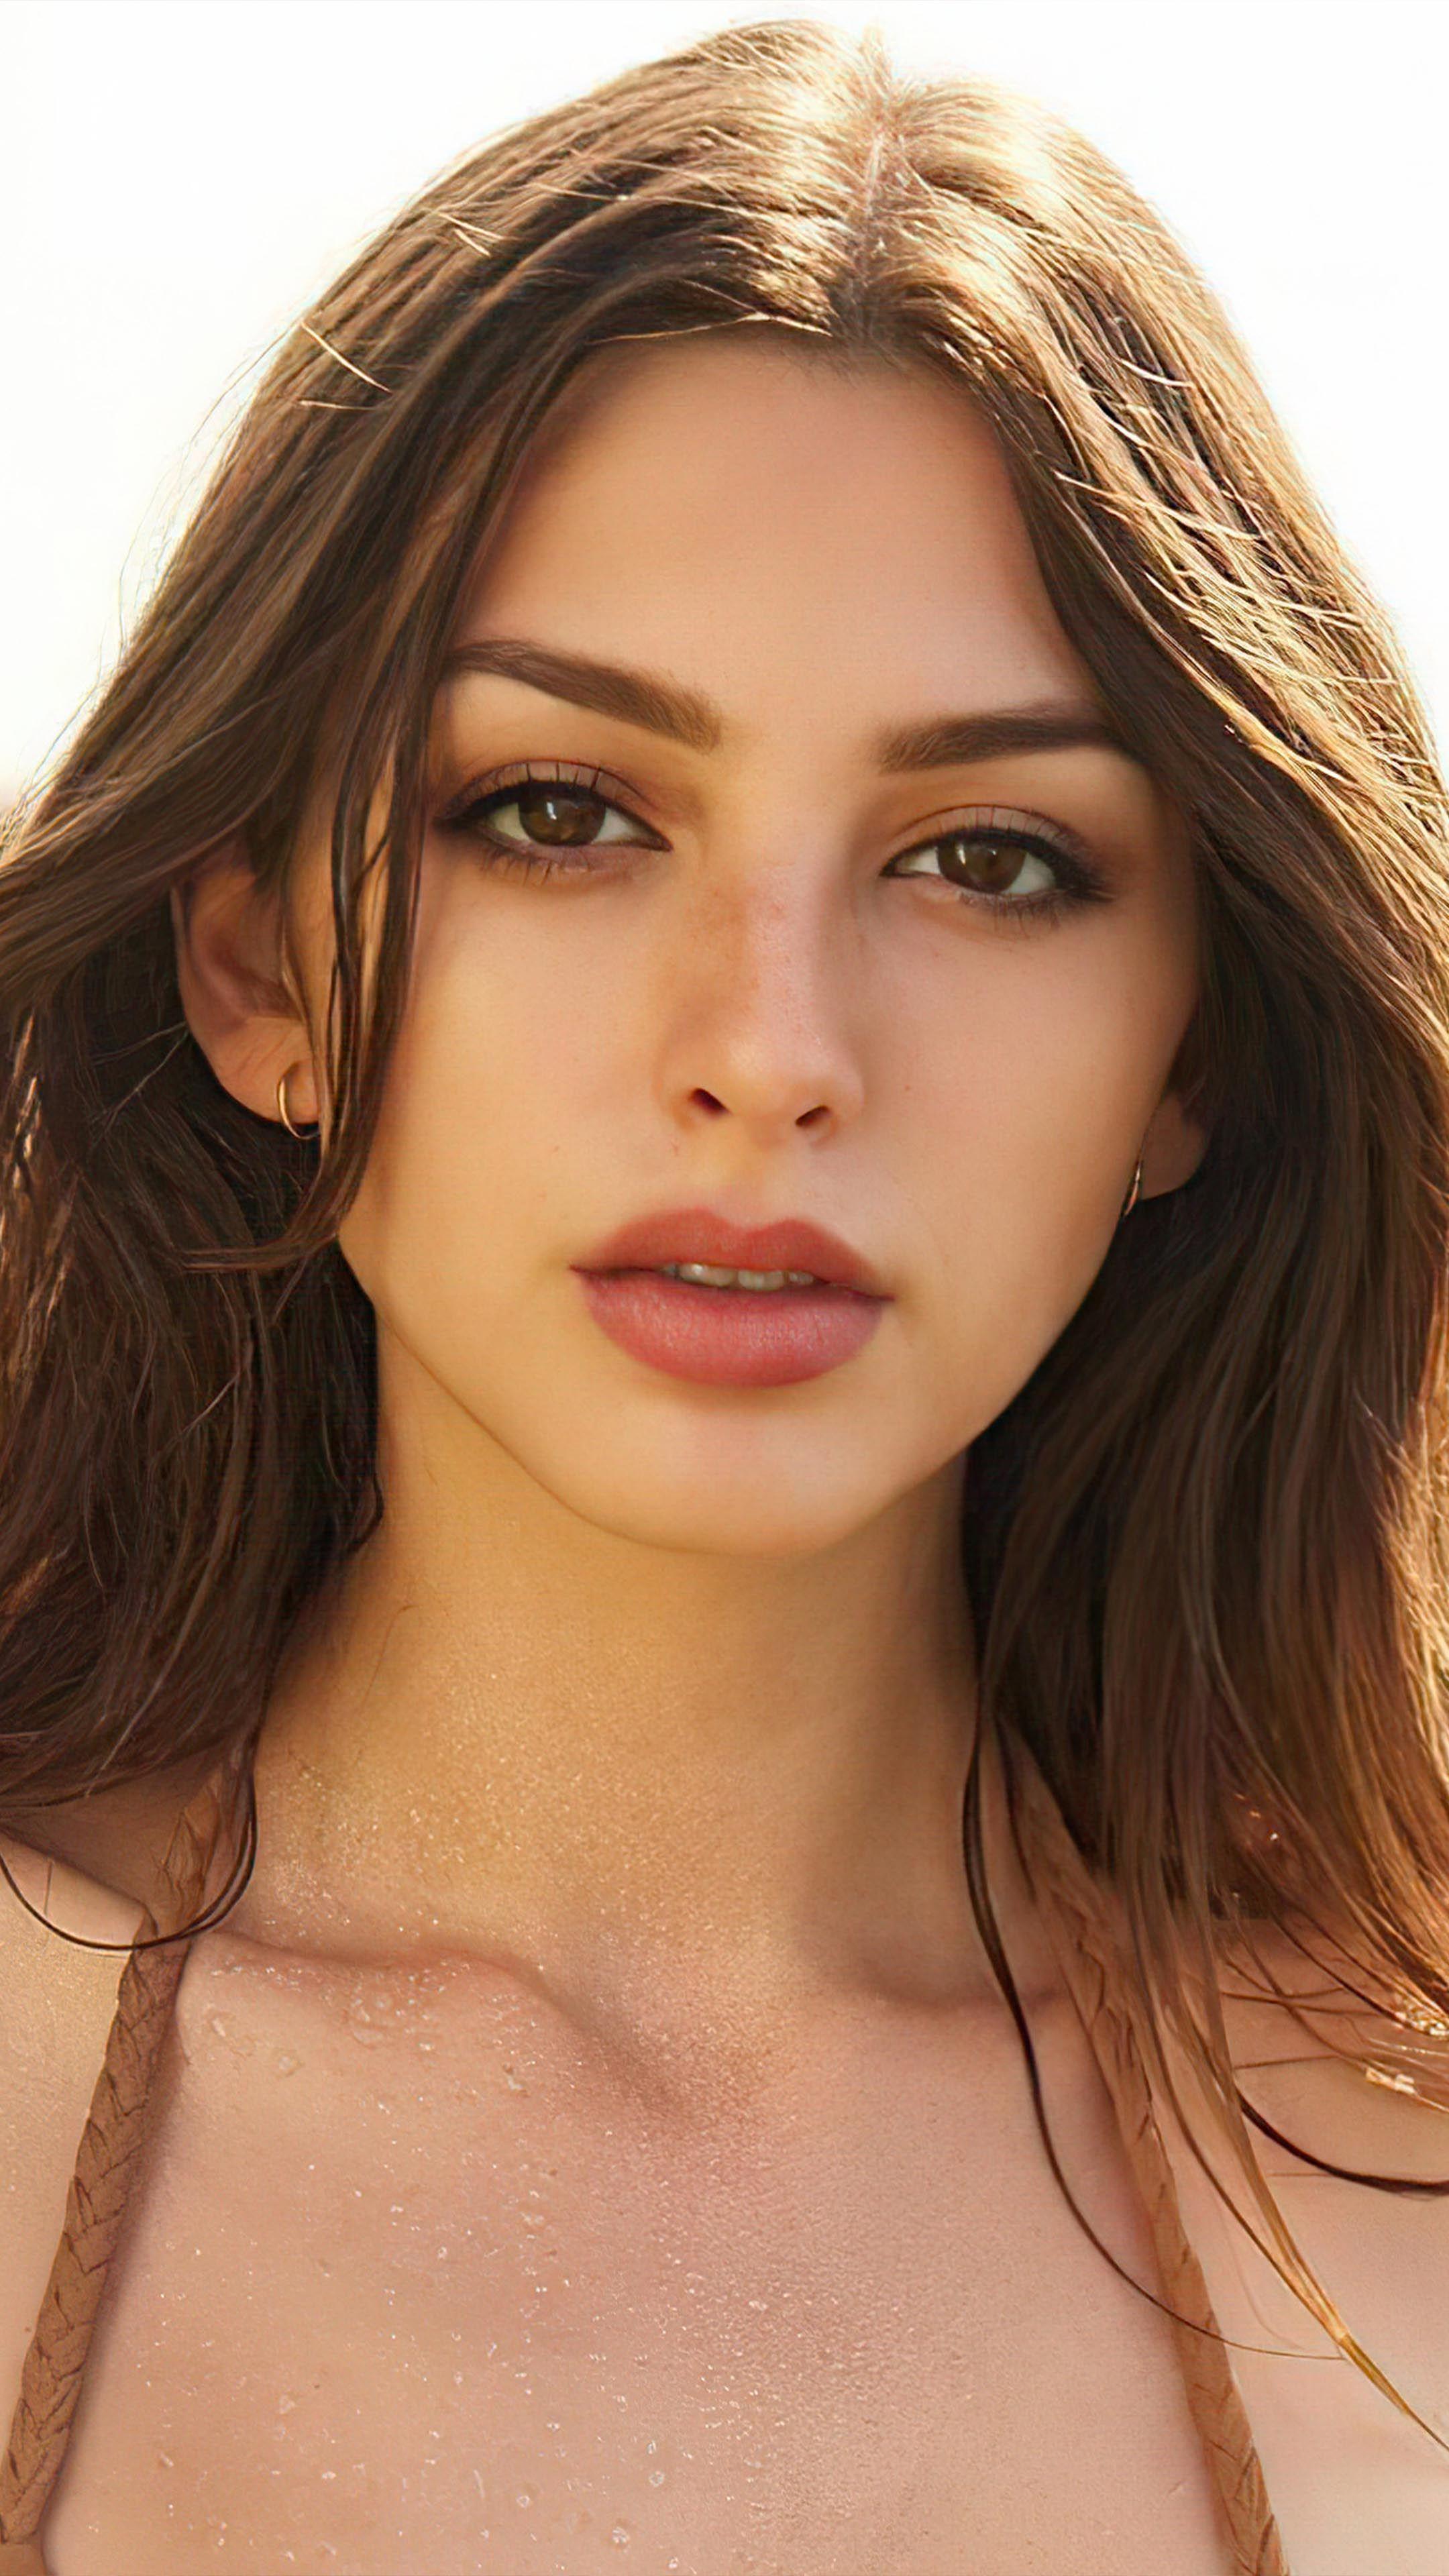 Beautiful Model Celine Farach 4k Ultra Hd Mobile Wallpaper Beautiful Models Beauty Full Girl Model